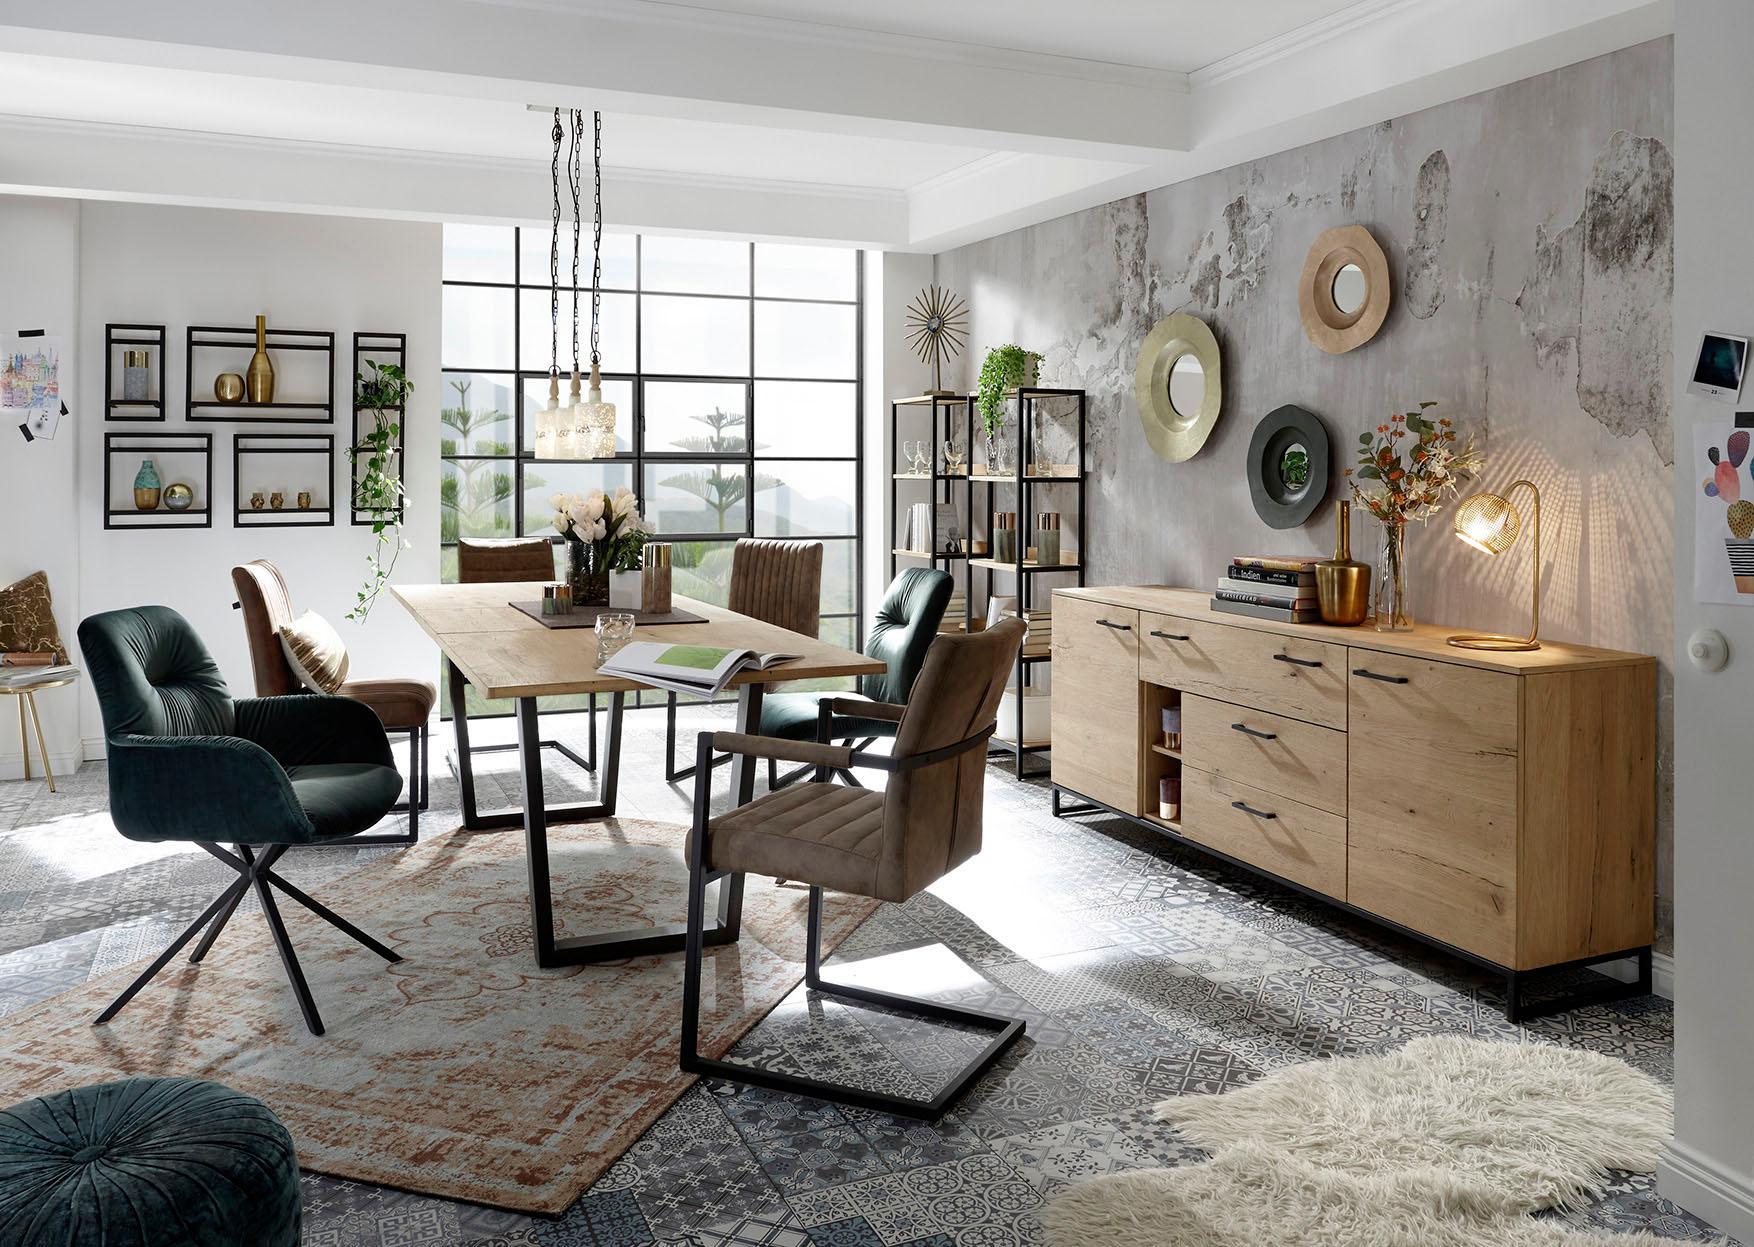 Quadrato Sideboard Niagara klassisches Wohndesign und modernes Ambiente vereint in einer Komposition